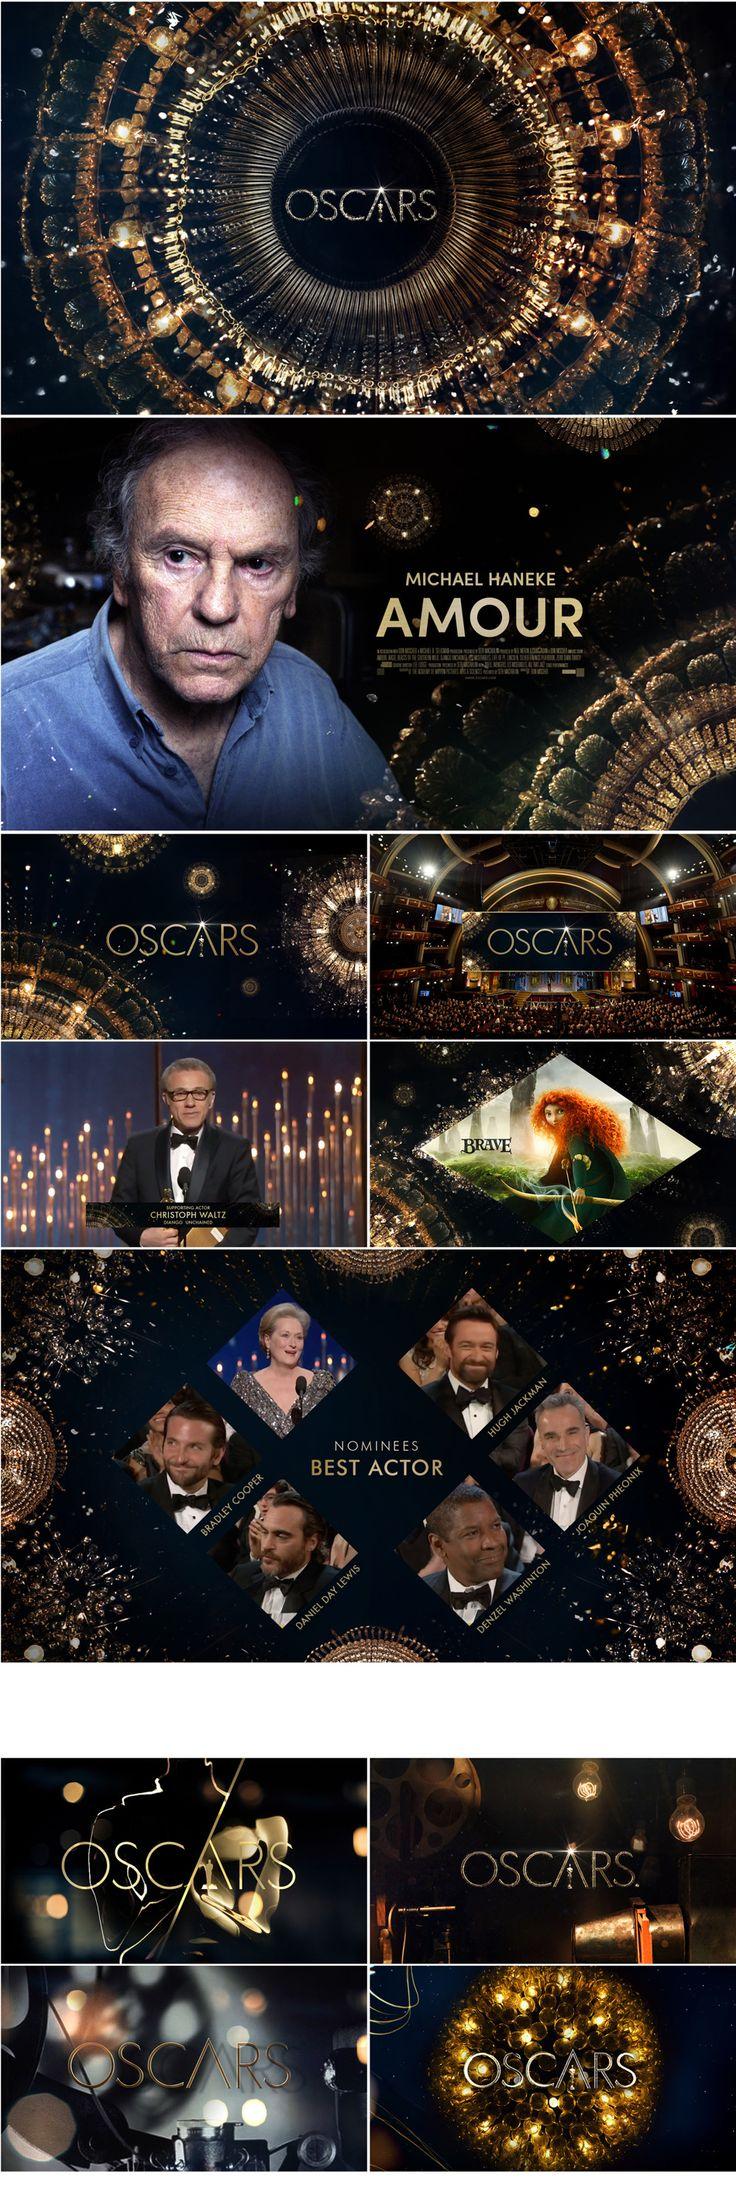 pour l'idée de galaxie dorée et l'écran des nominés